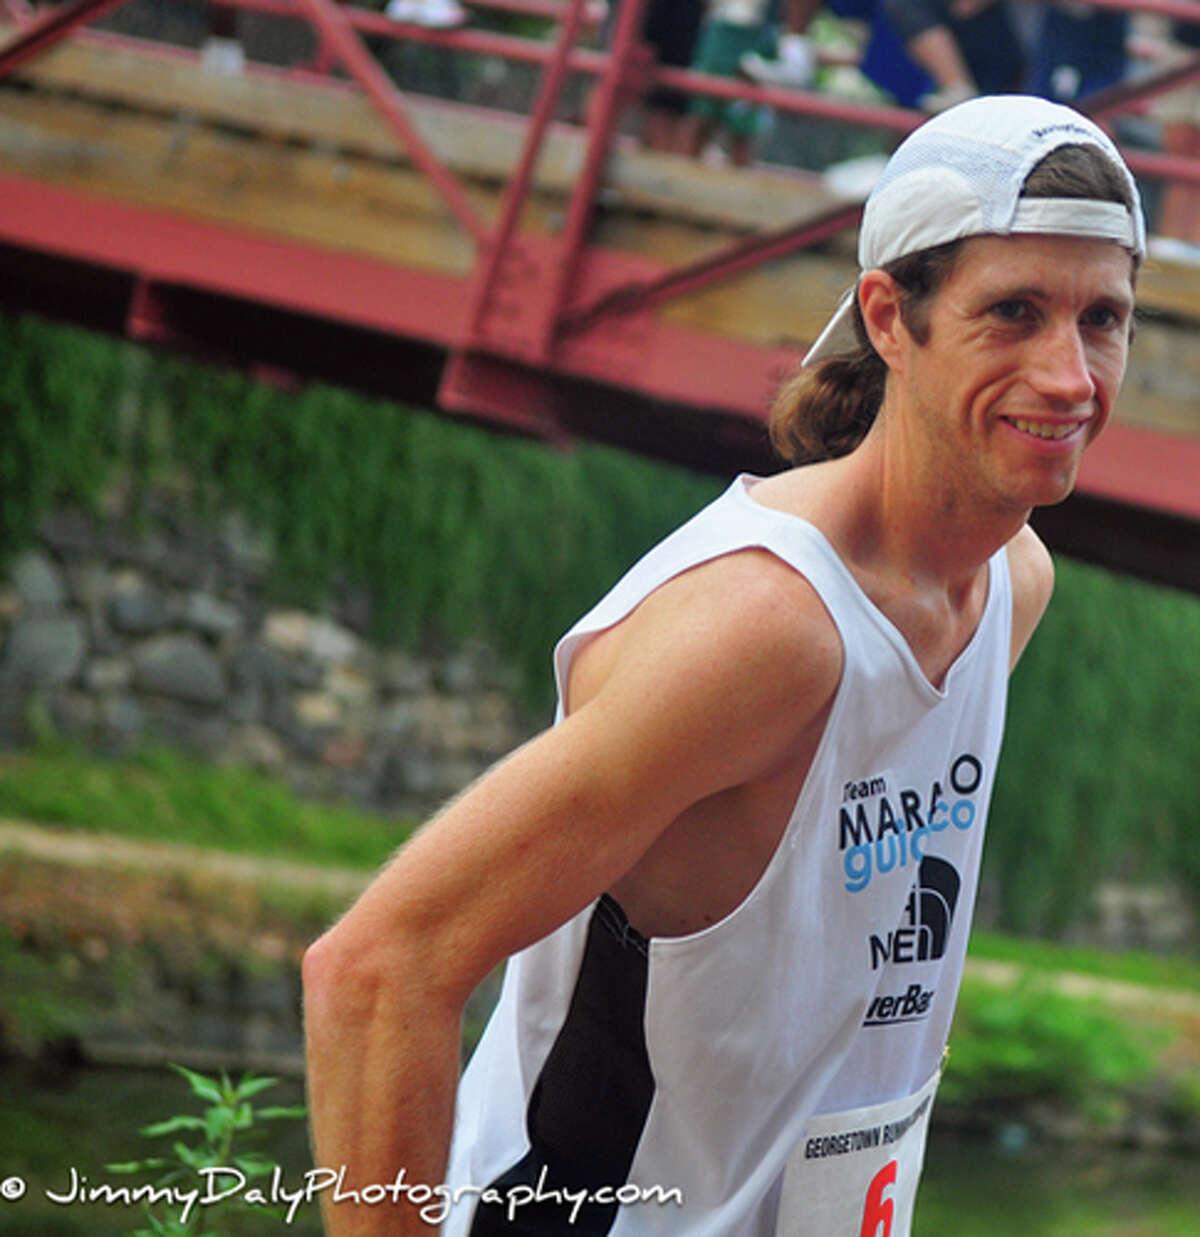 Michael Wardian Marathoner Courtesy photo